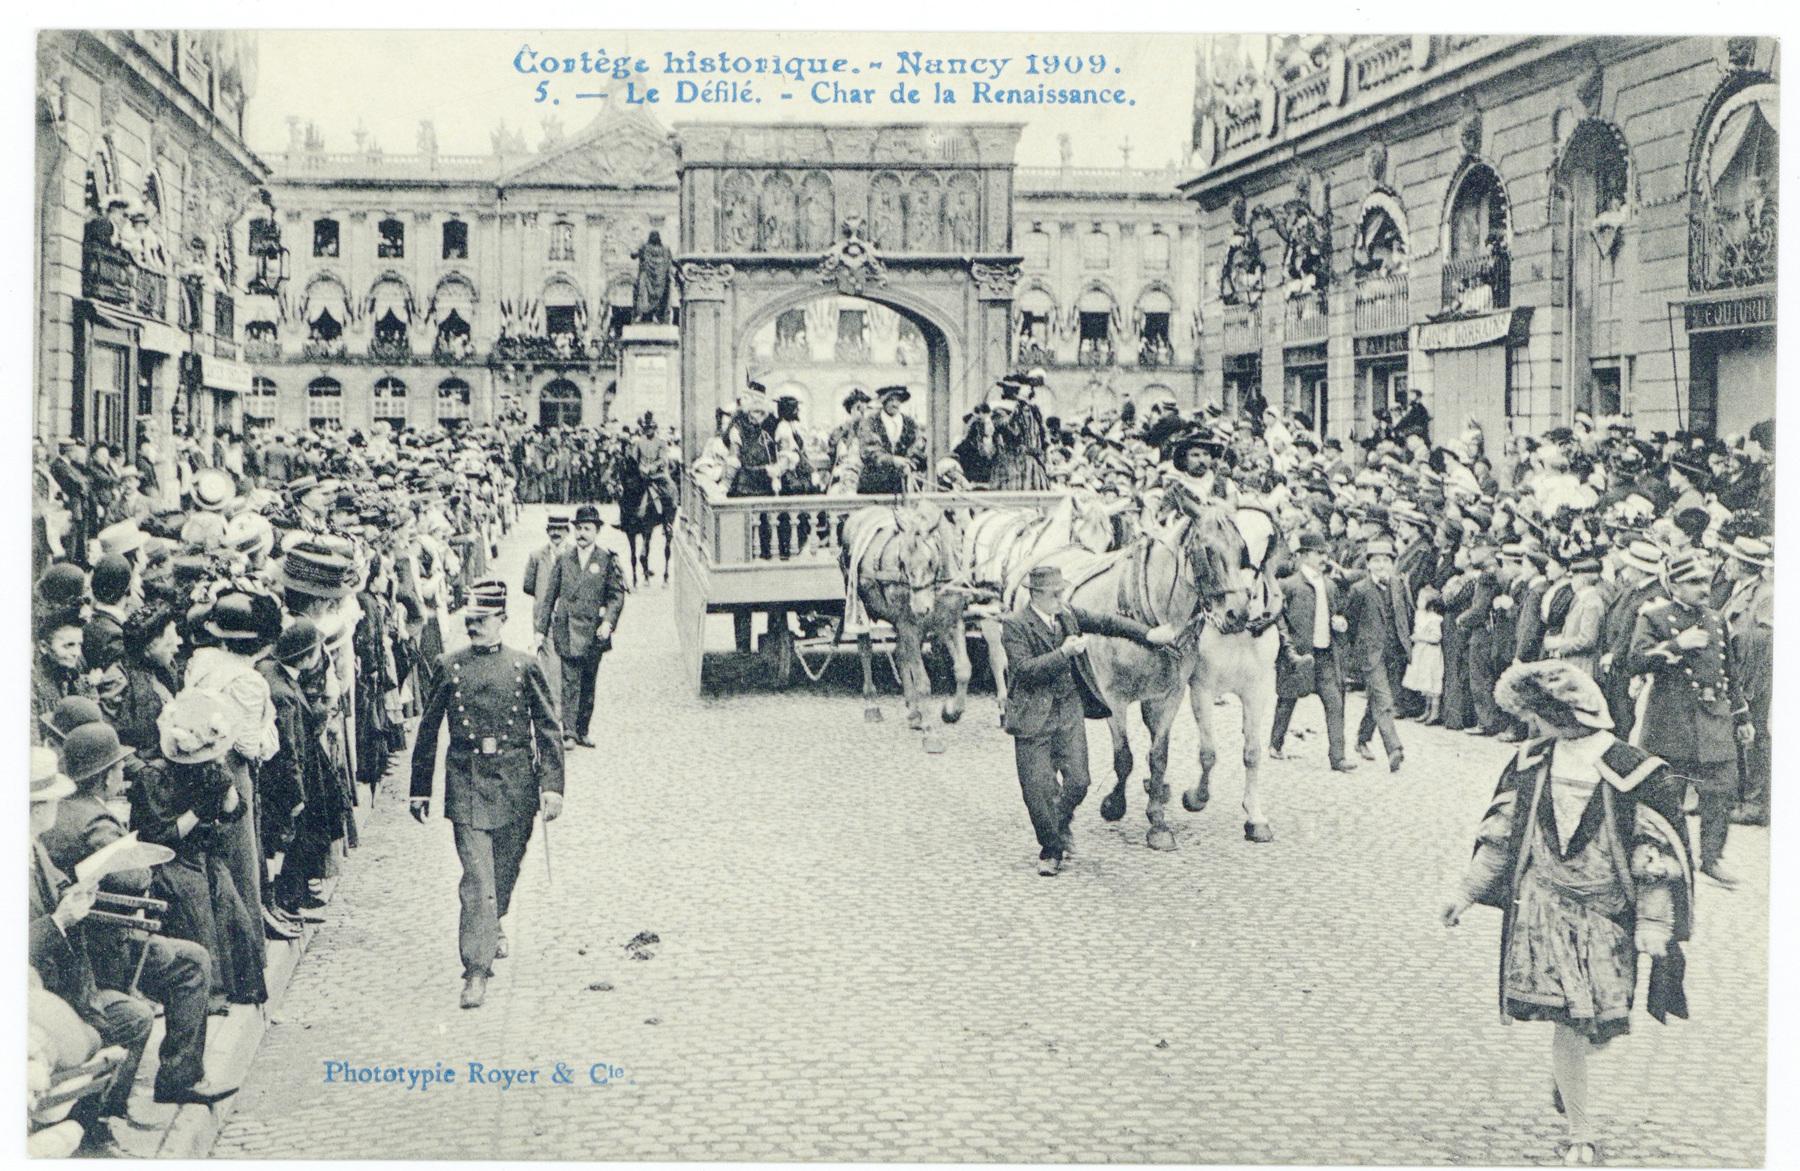 Contenu du Le Défilé. - Char de la Renaissance.  Cortège historique. - Nancy 1909.